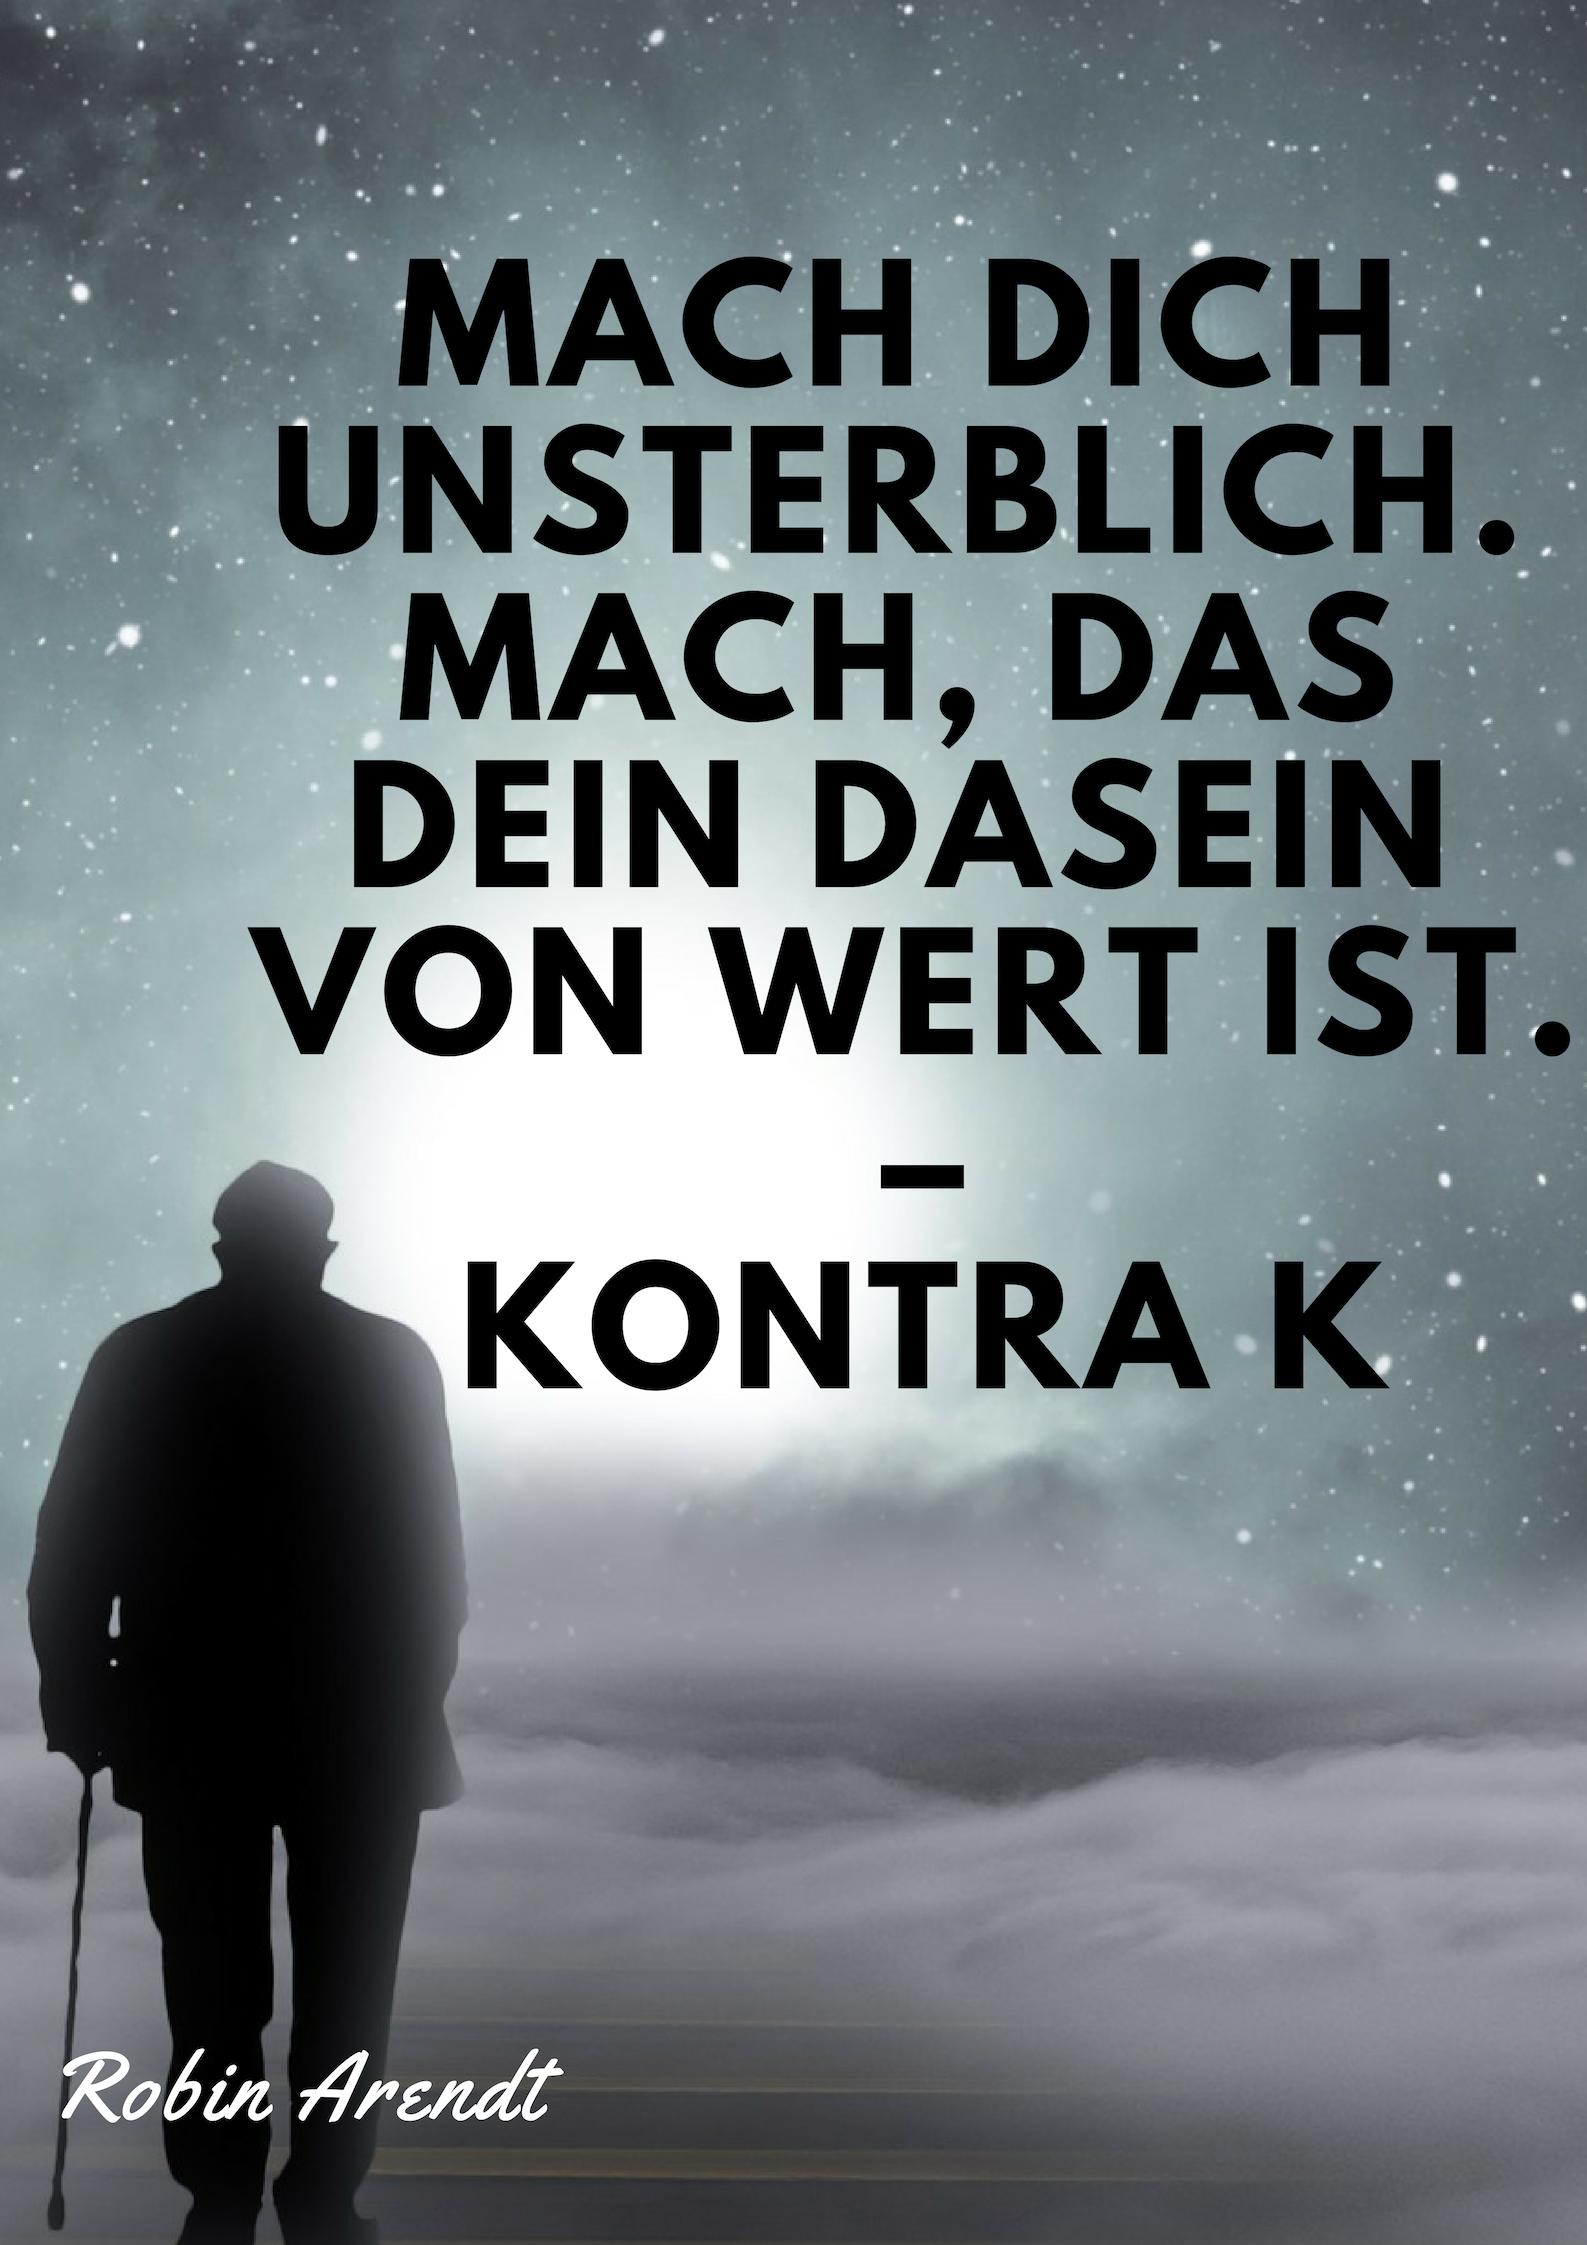 Mach Dich Unsterblich Mach Das Dein Dasein Von Wert Ist Kontra K Robin Arendt Motivation Deutsch Rapper Zitate Deutsche Zitate Rap Zitate Zum Nachdenken